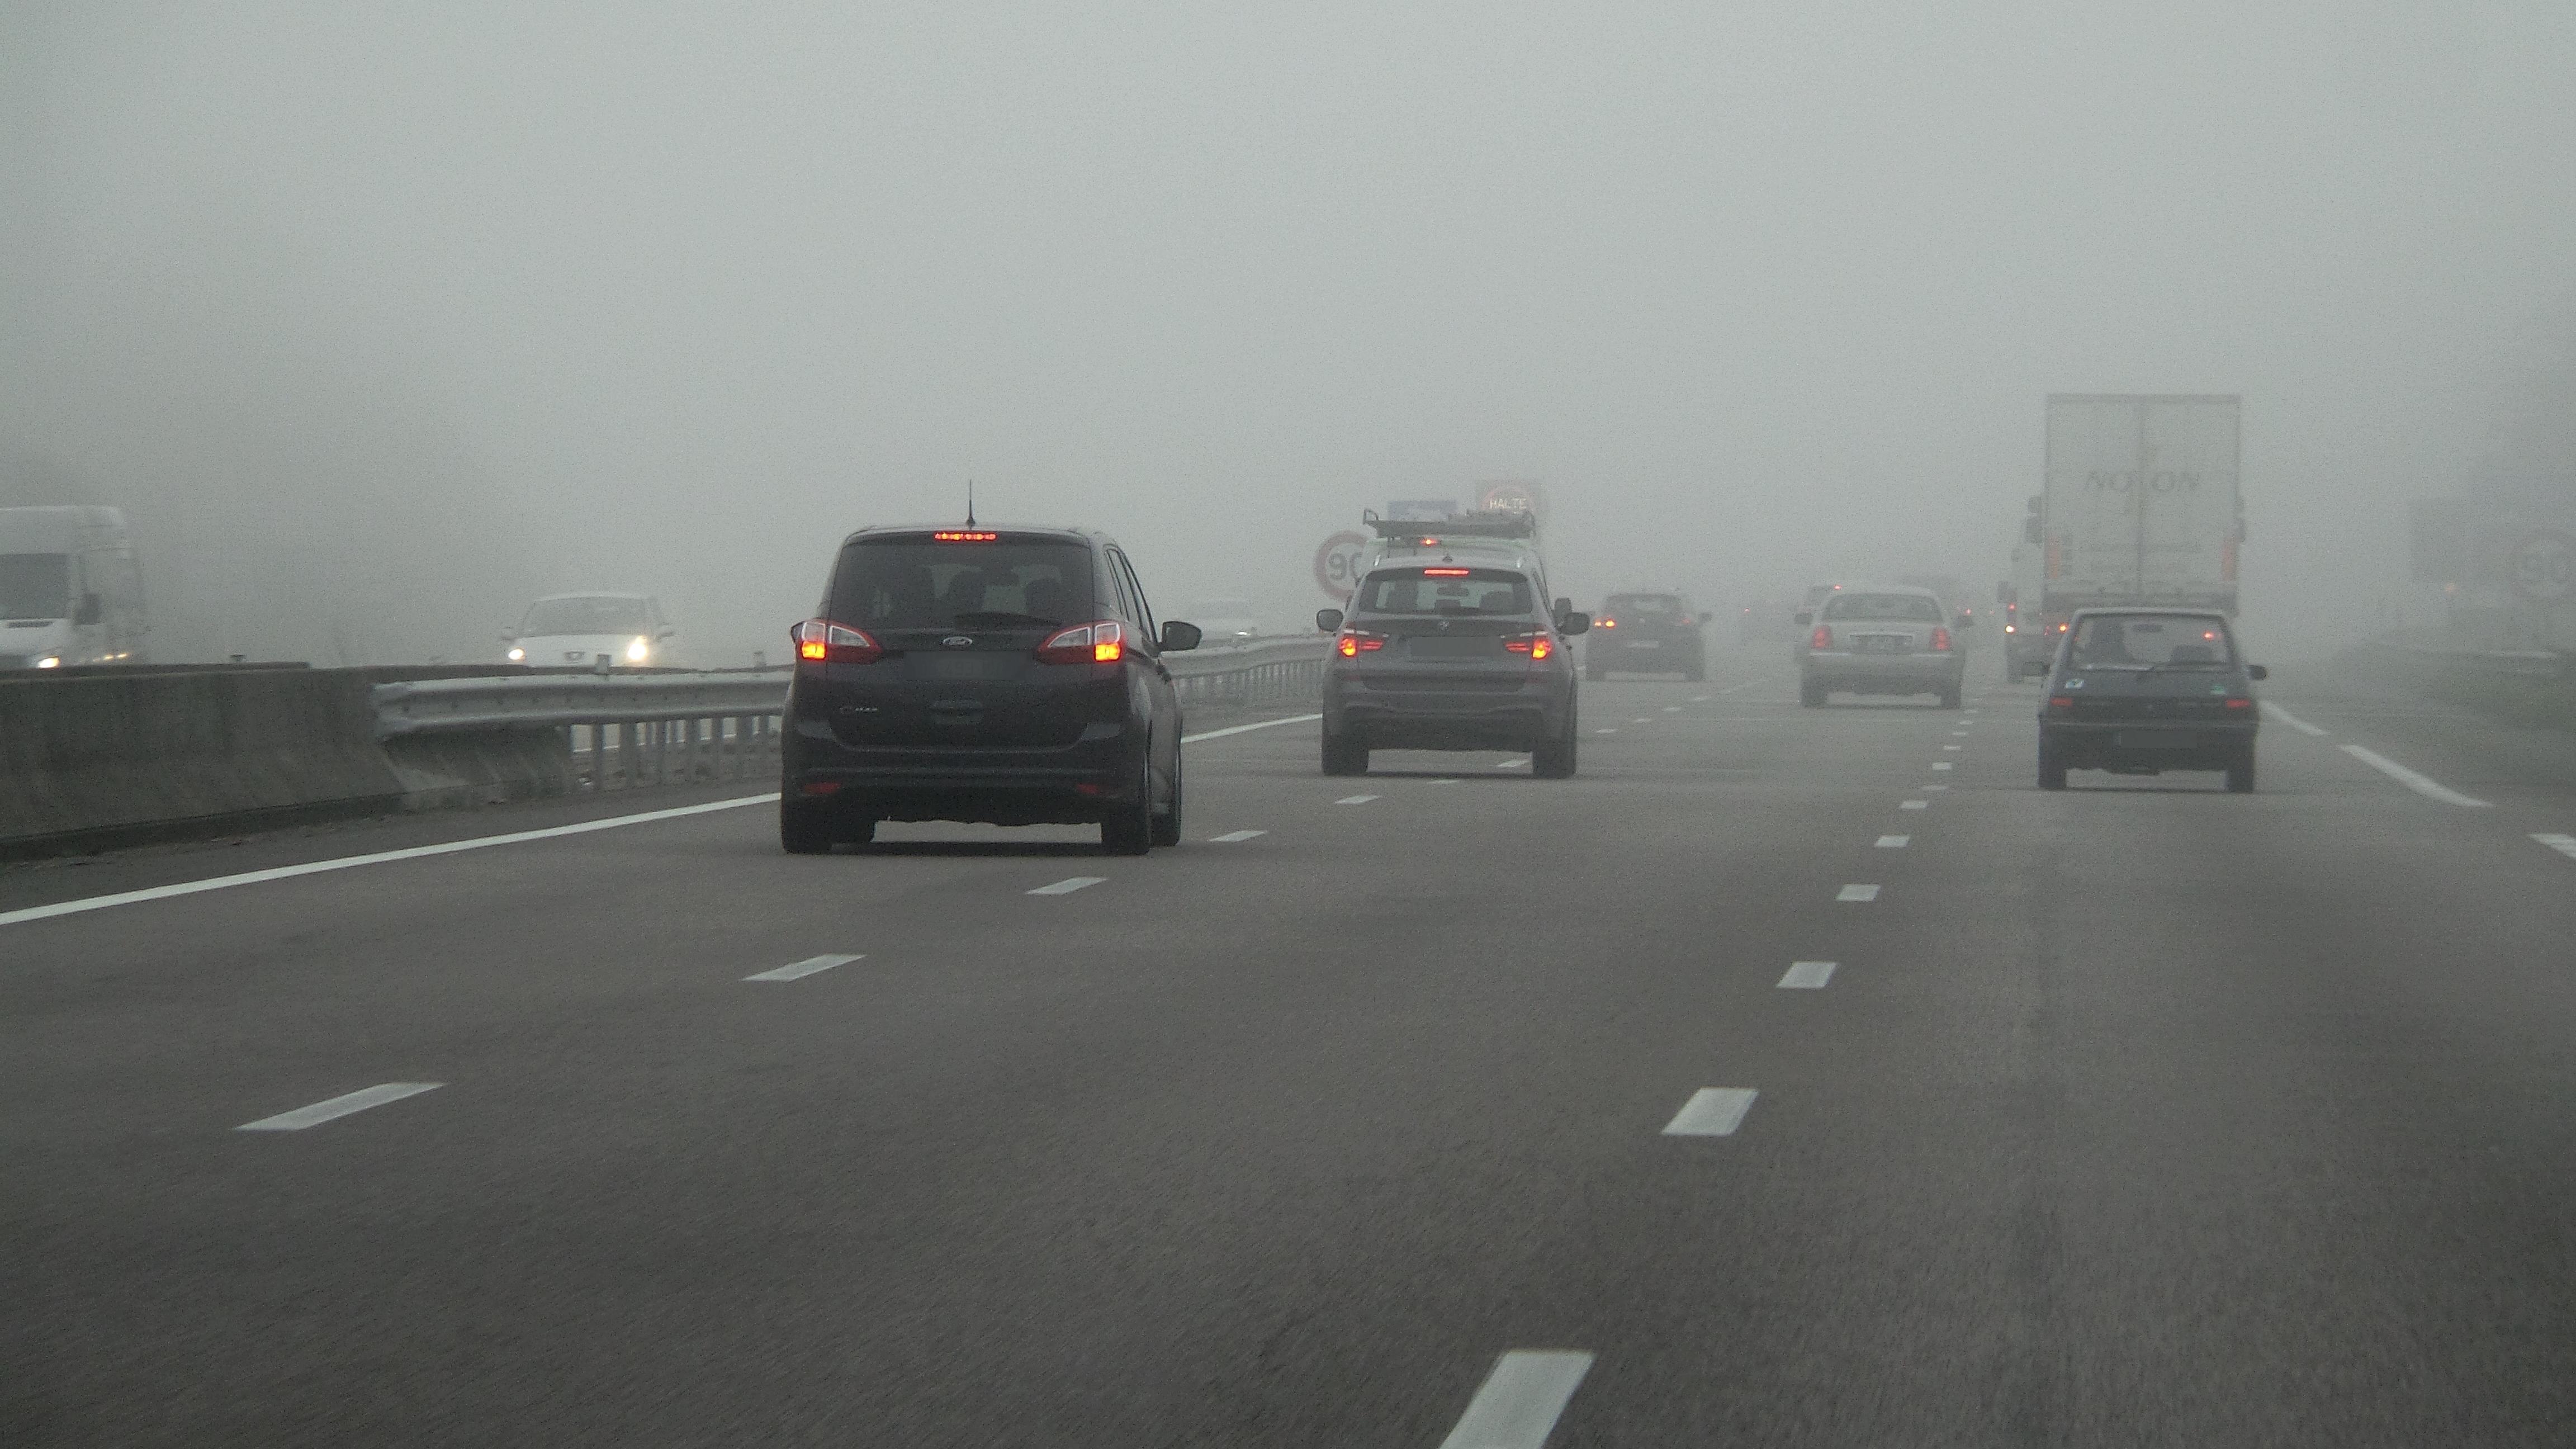 Il fallait être prudent ce matin sur l'autoroute A13 en Normandie et en Ile-de-France où le brouillard était dense (Photo @infoNormandie)